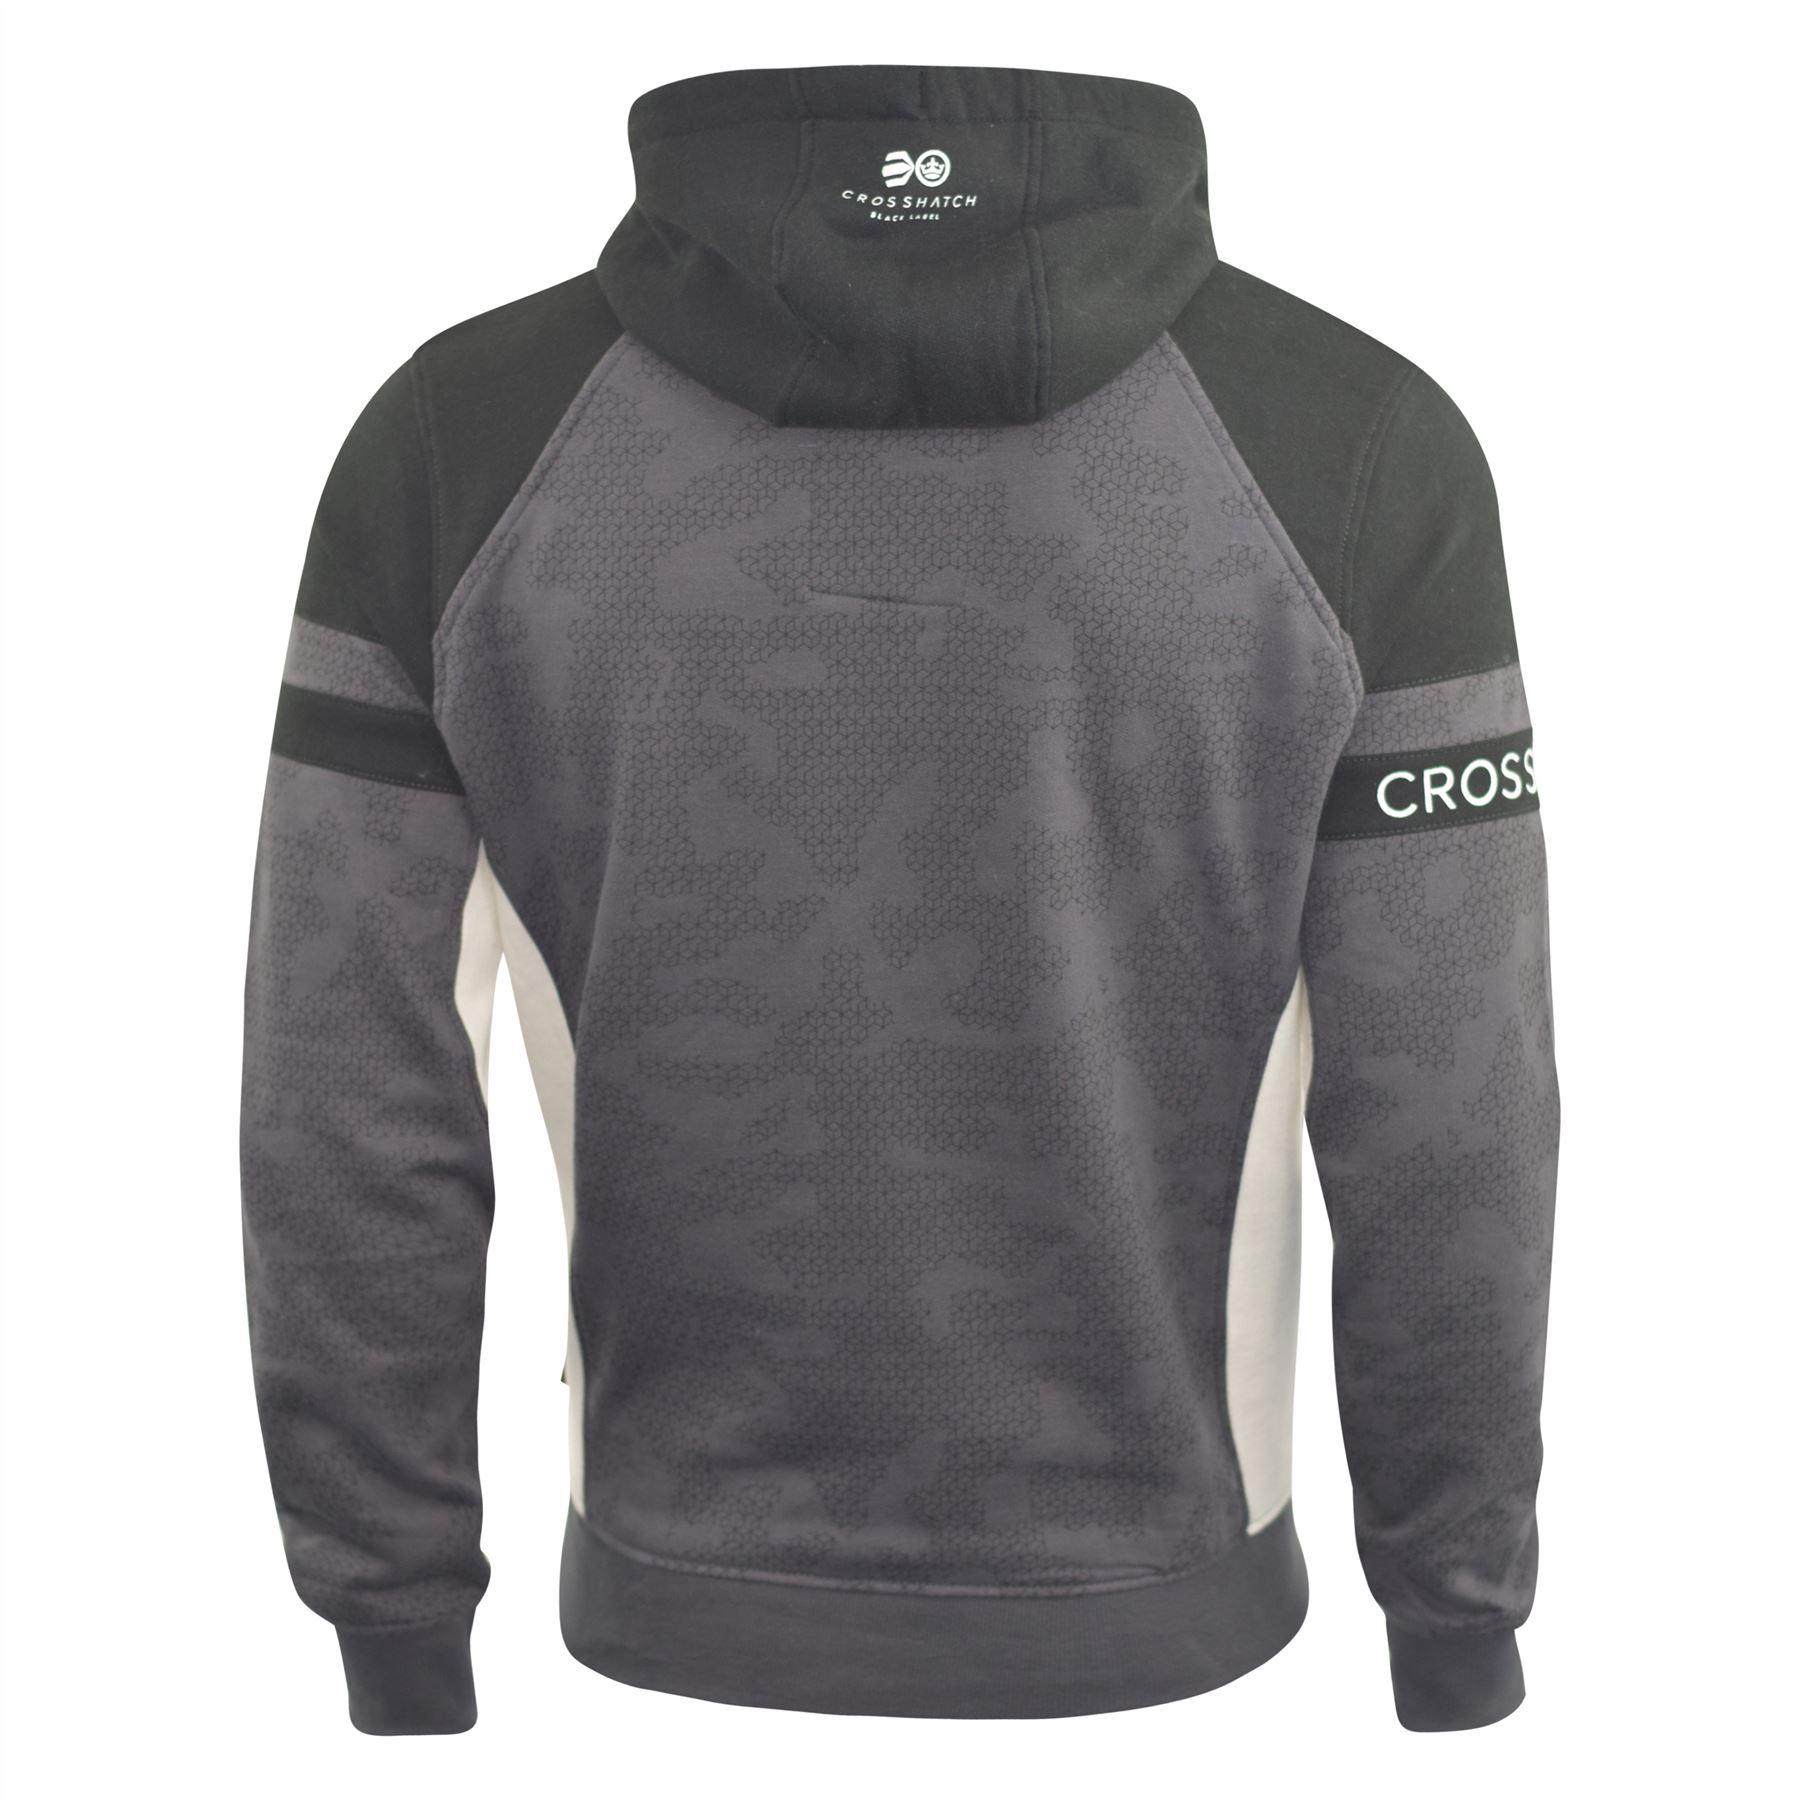 Mens-Hoodie-Crosshatch-Sweatshirt-Hooded-Jumper-Top-Pullover-Kirknewton thumbnail 4